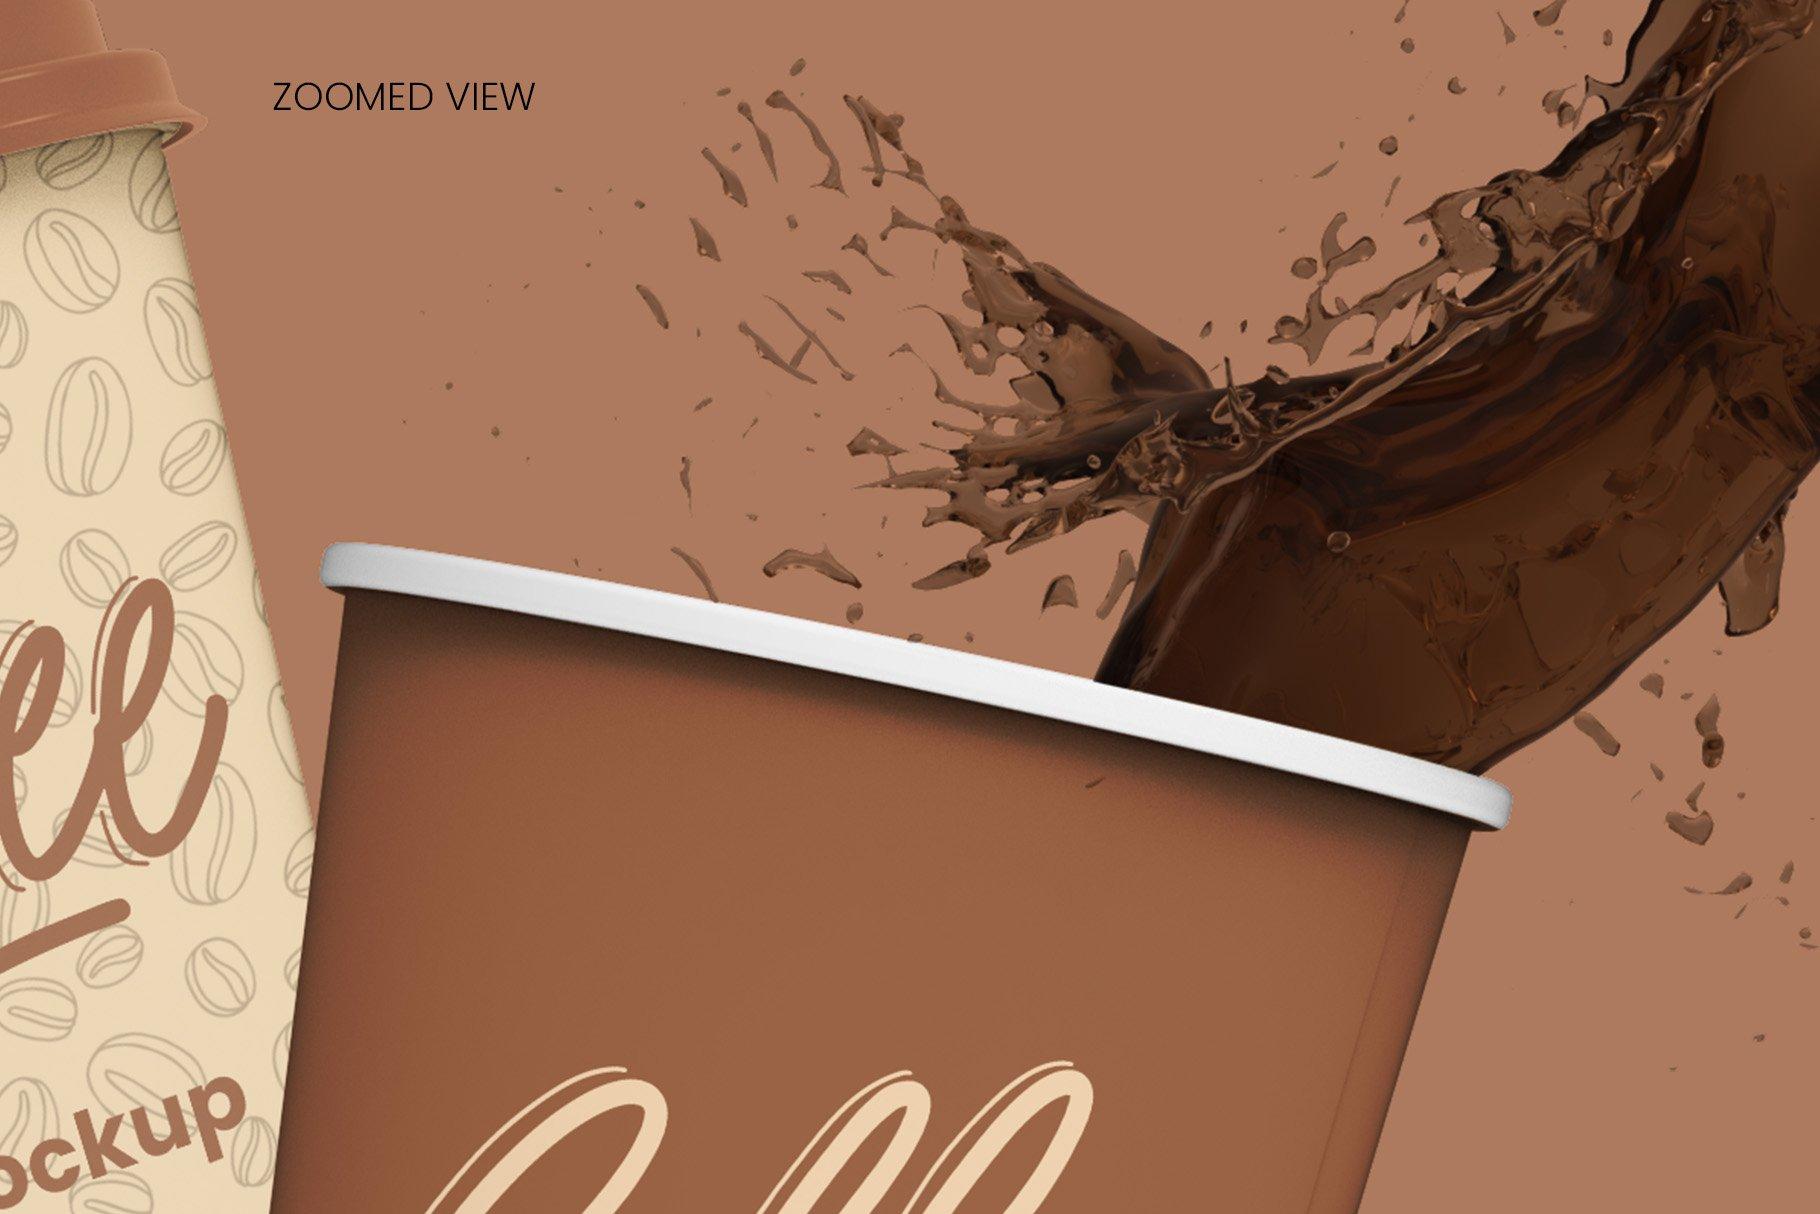 8个一次性咖啡外卖纸杯设计贴图样机模板 Coffee Cup Mockup – 8 views插图12